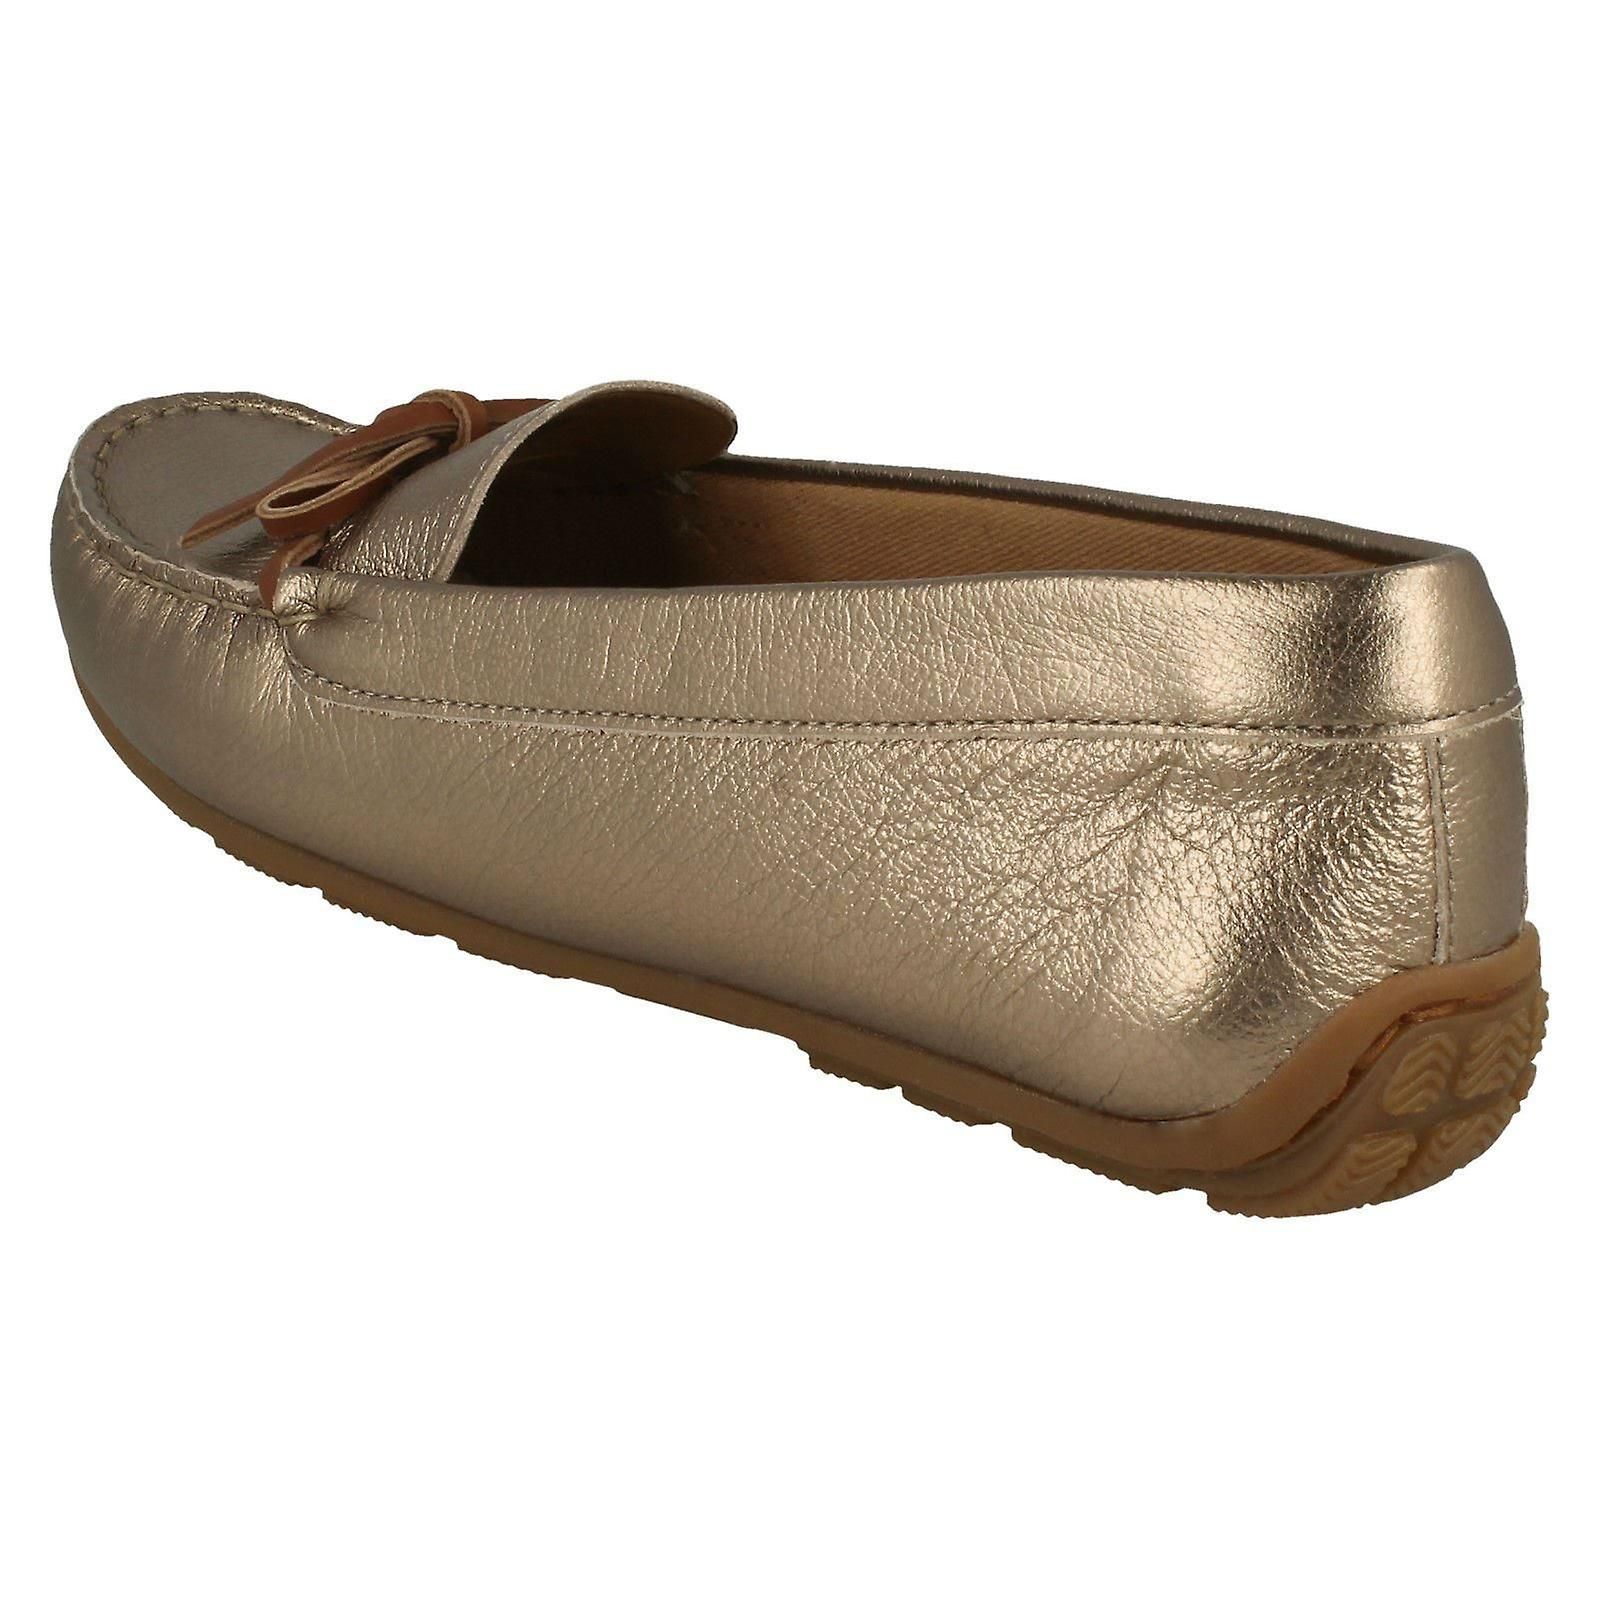 Damen Clarks Mokassin Stil Schuhe Dameo Swing